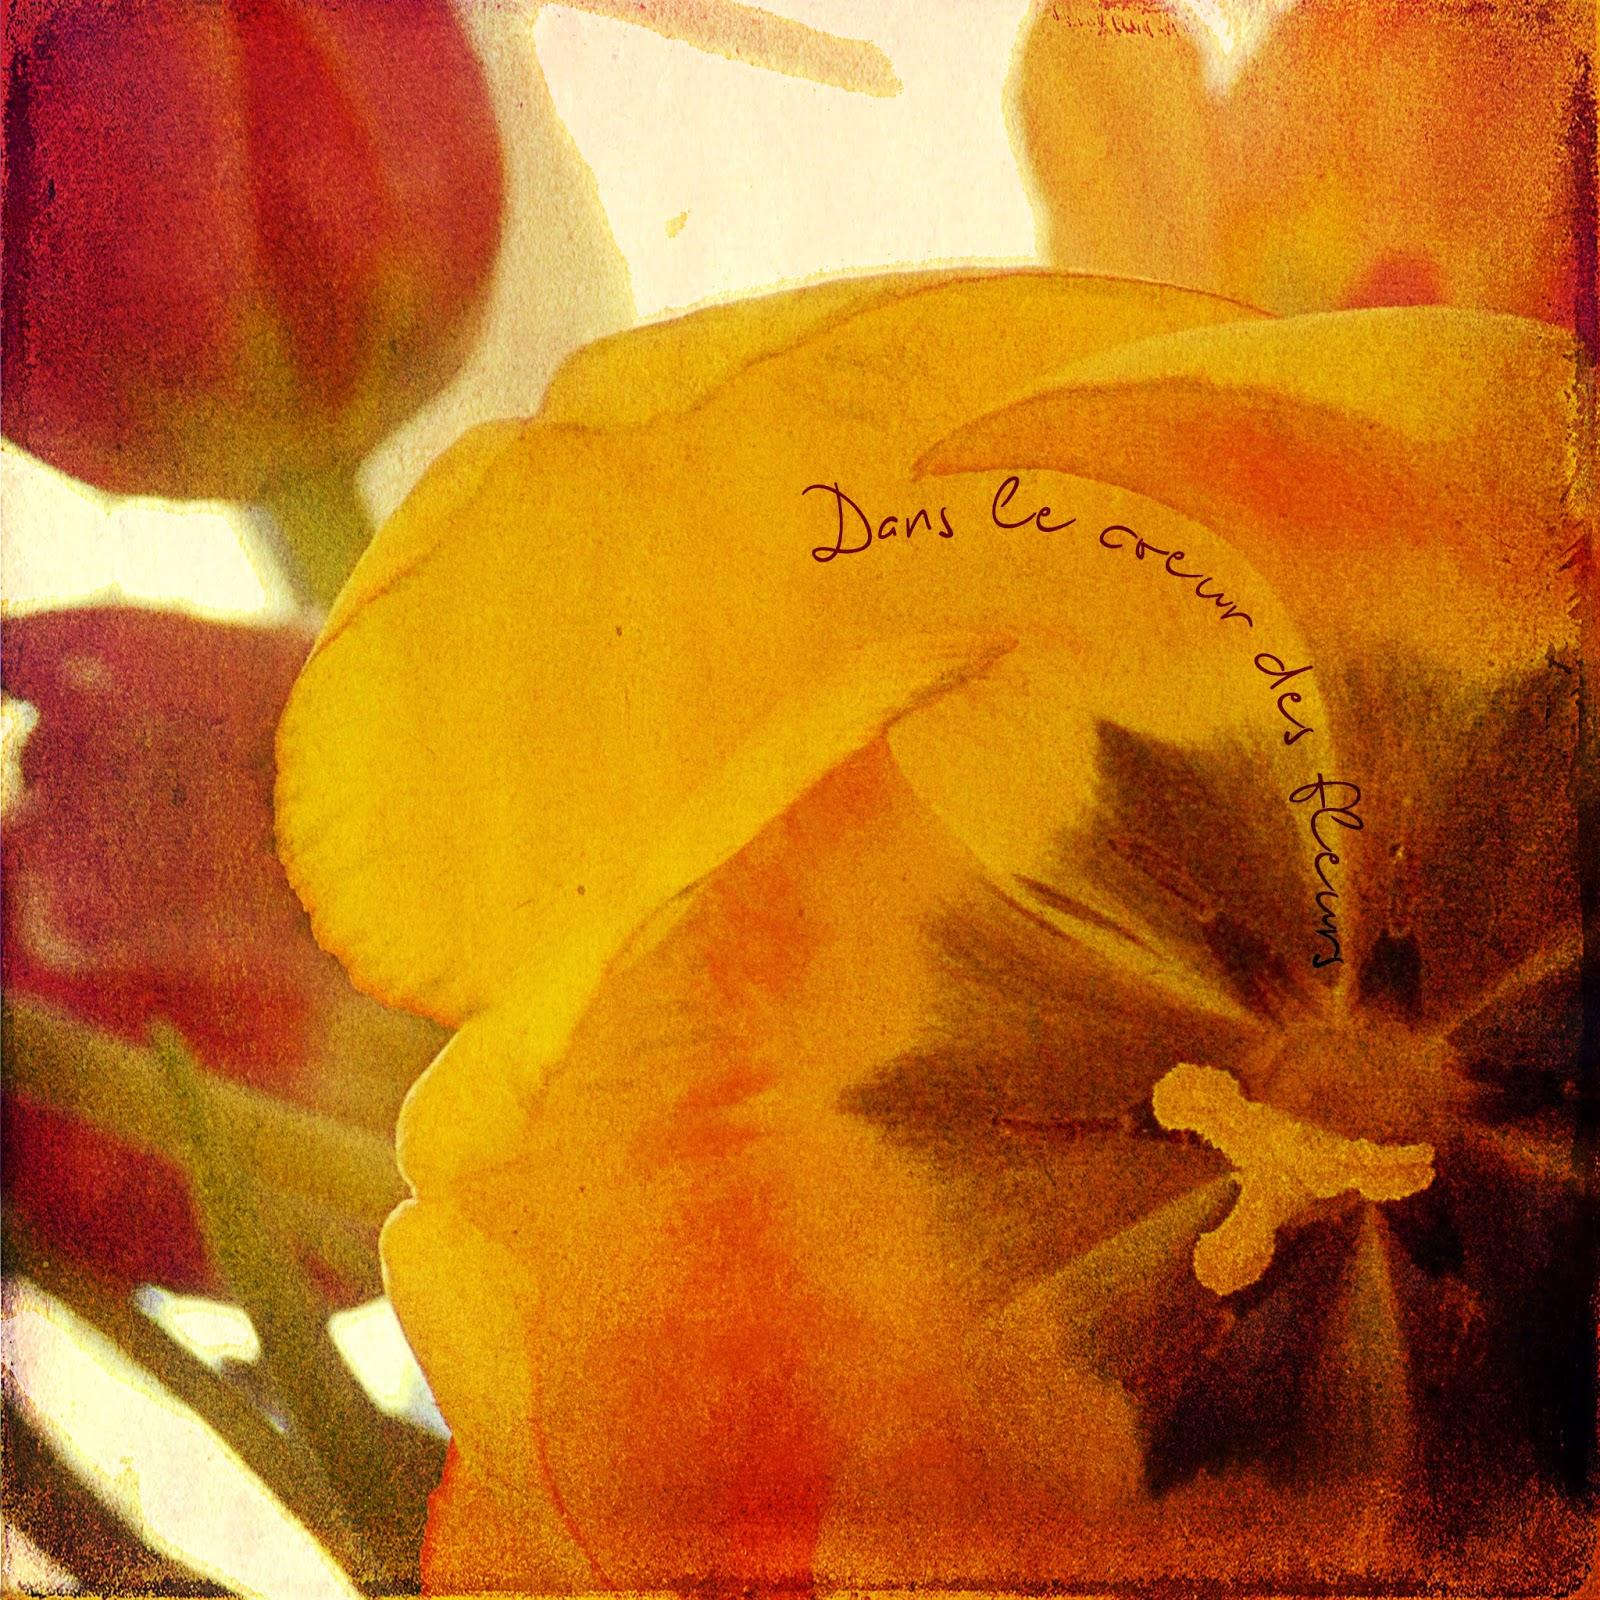 Dans le coeur des fleurs, blending scrap digital